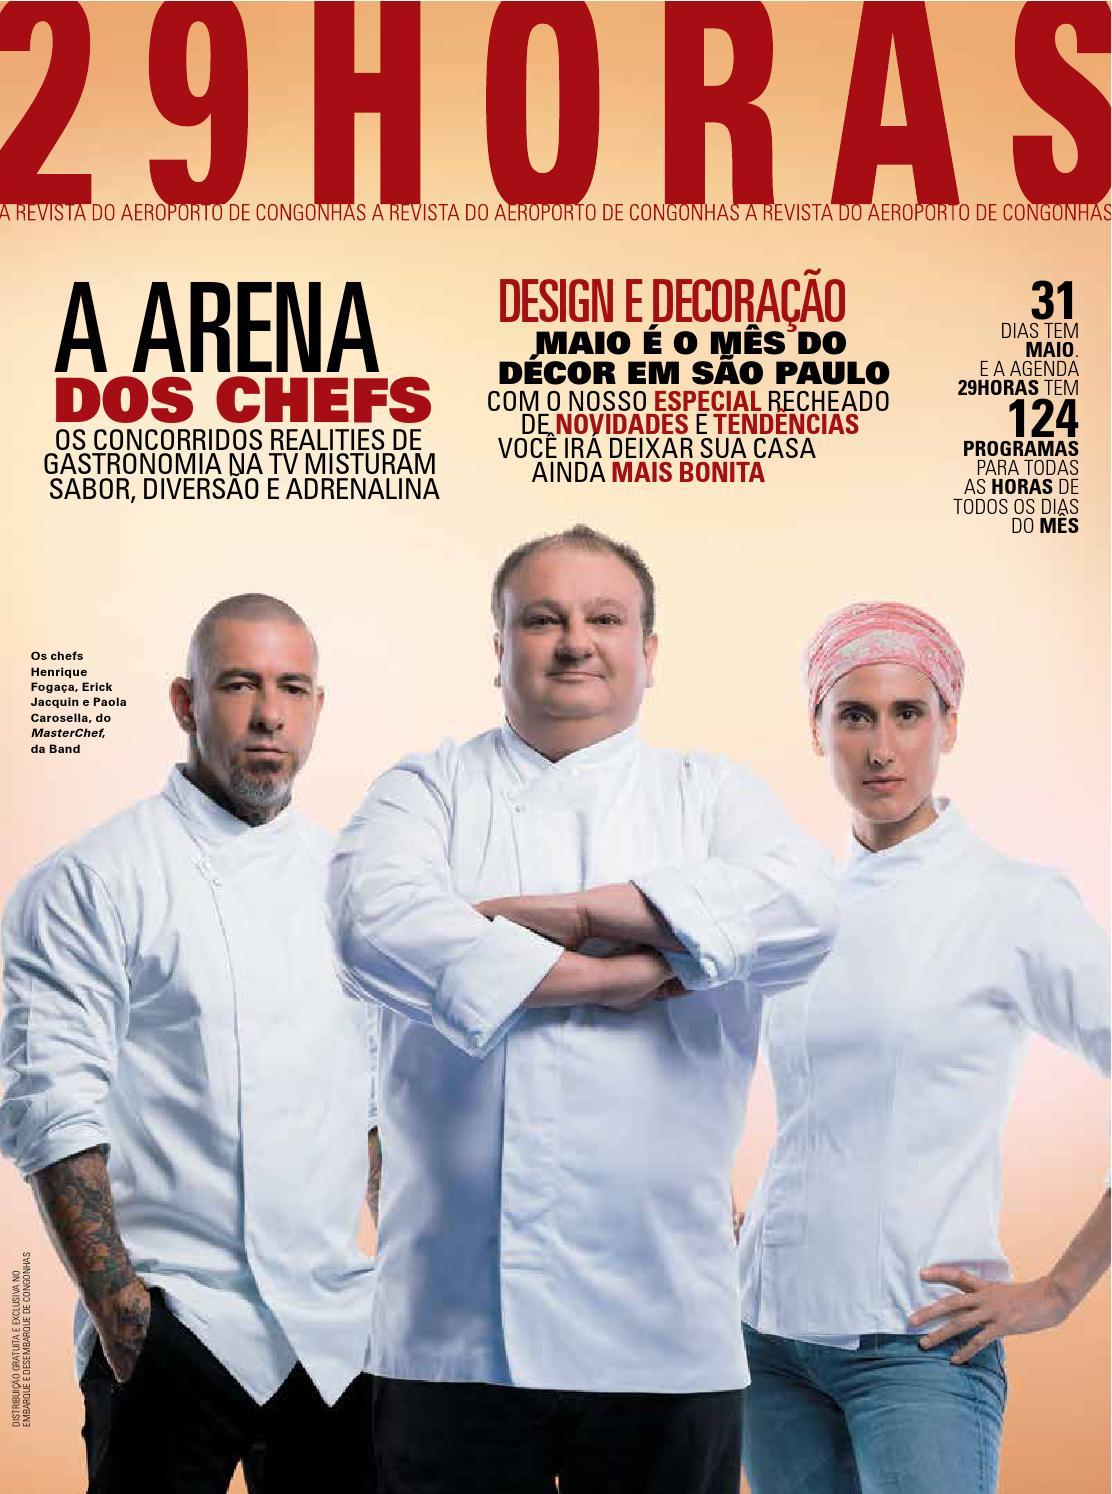 revista 29HORAS - ed. 67 - maio 2015 by 29HORAS - issuu b772b7703c